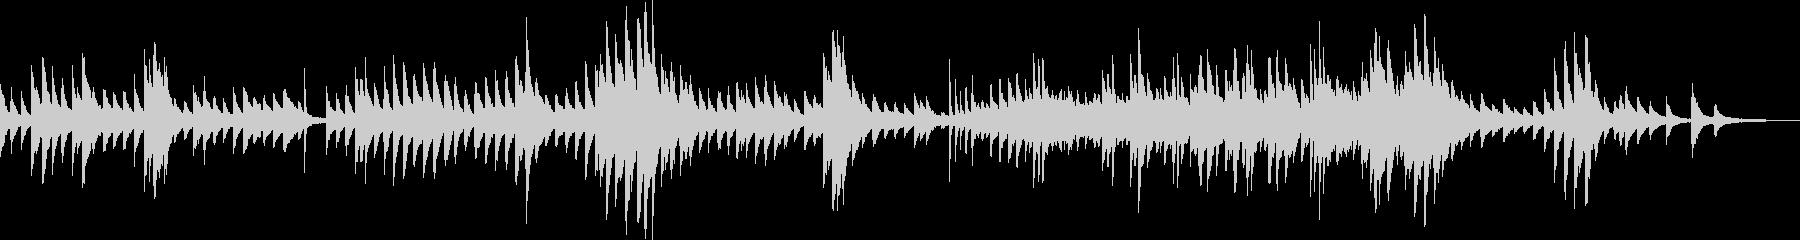 Compassion (piano ballad, impression, gentle)'s unreproduced waveform